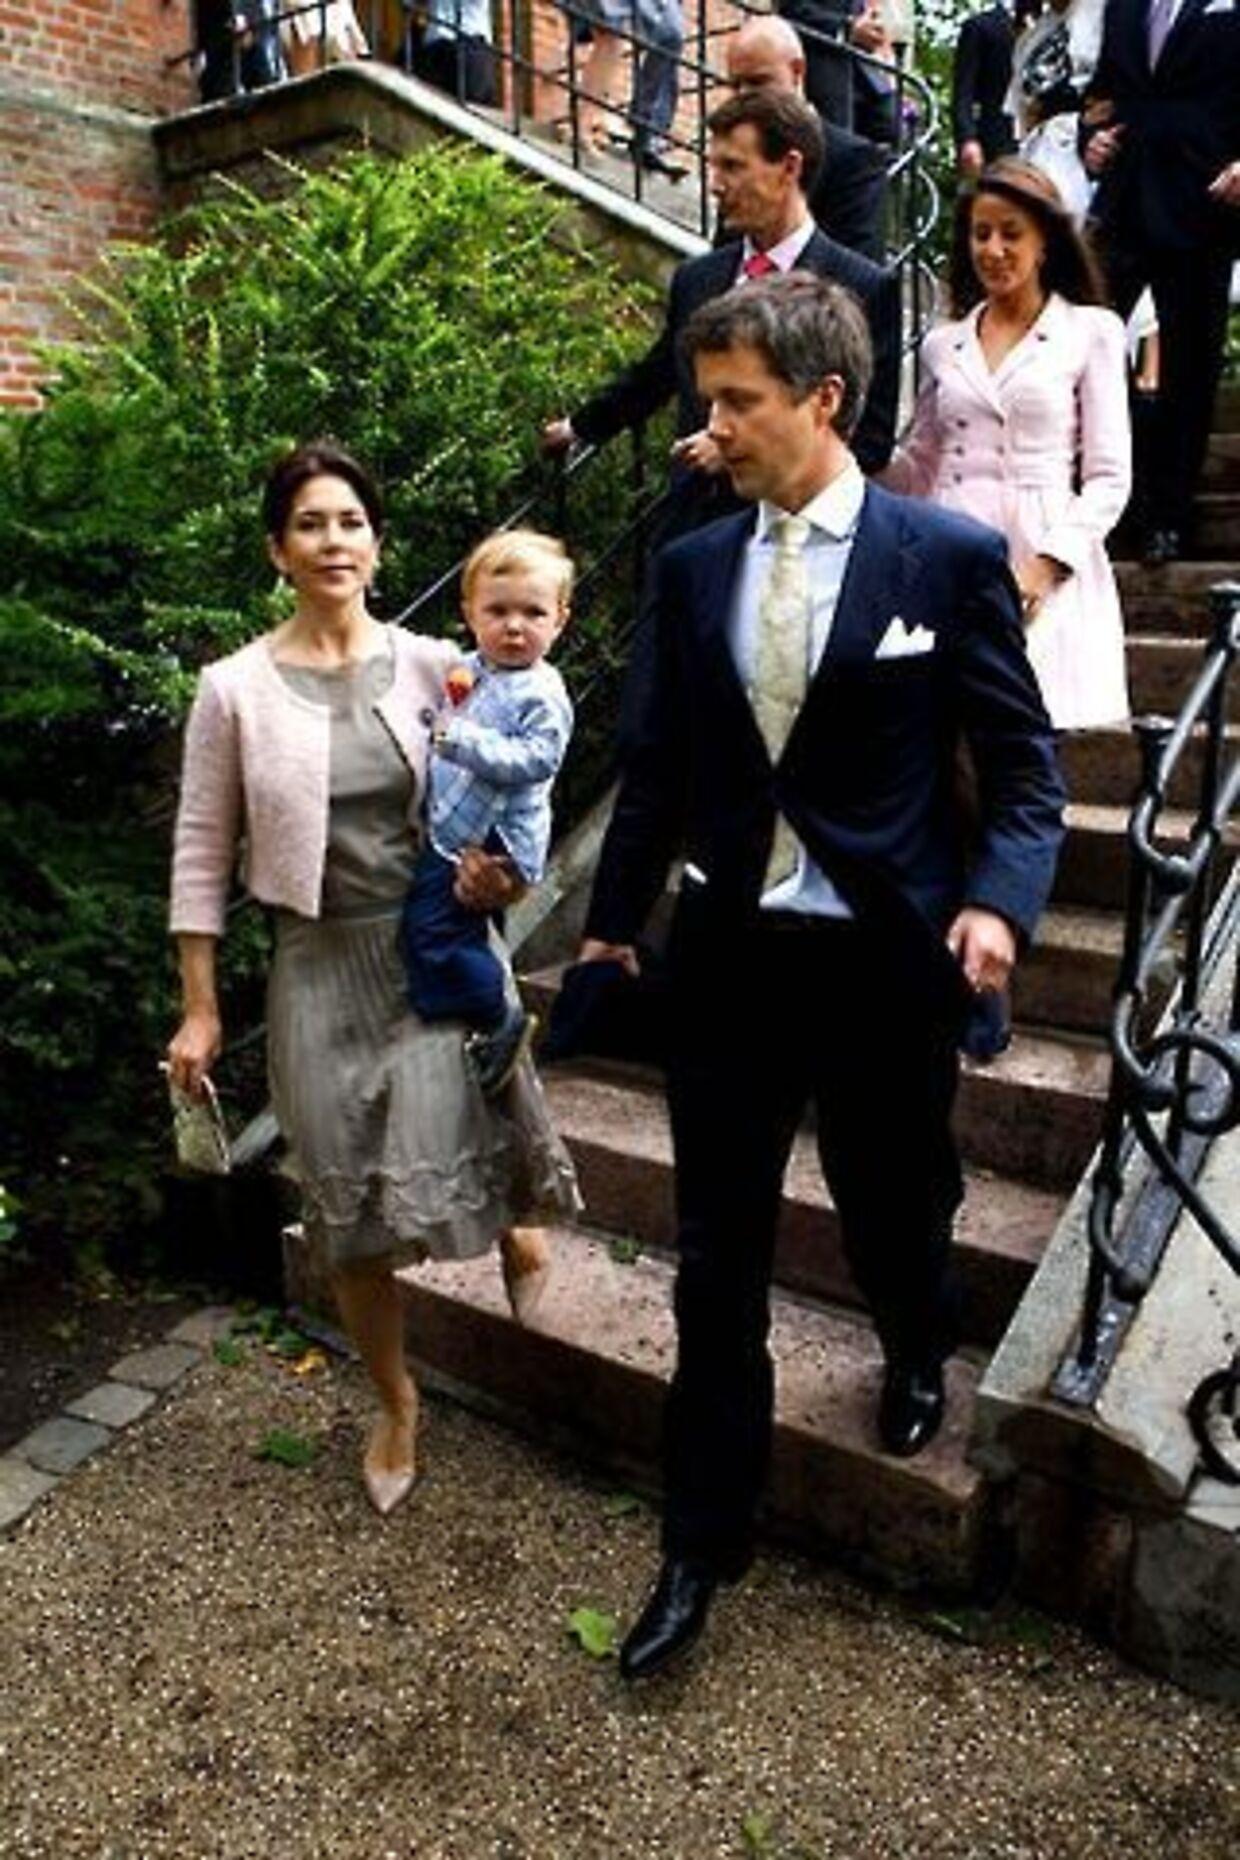 Nu er det vidst ganske vist. Prins Joachim havde i går Marie med til barnedåb, så nu må det kun være et spørgsmål om tid, før forholdet mellem de to bliver officielt.